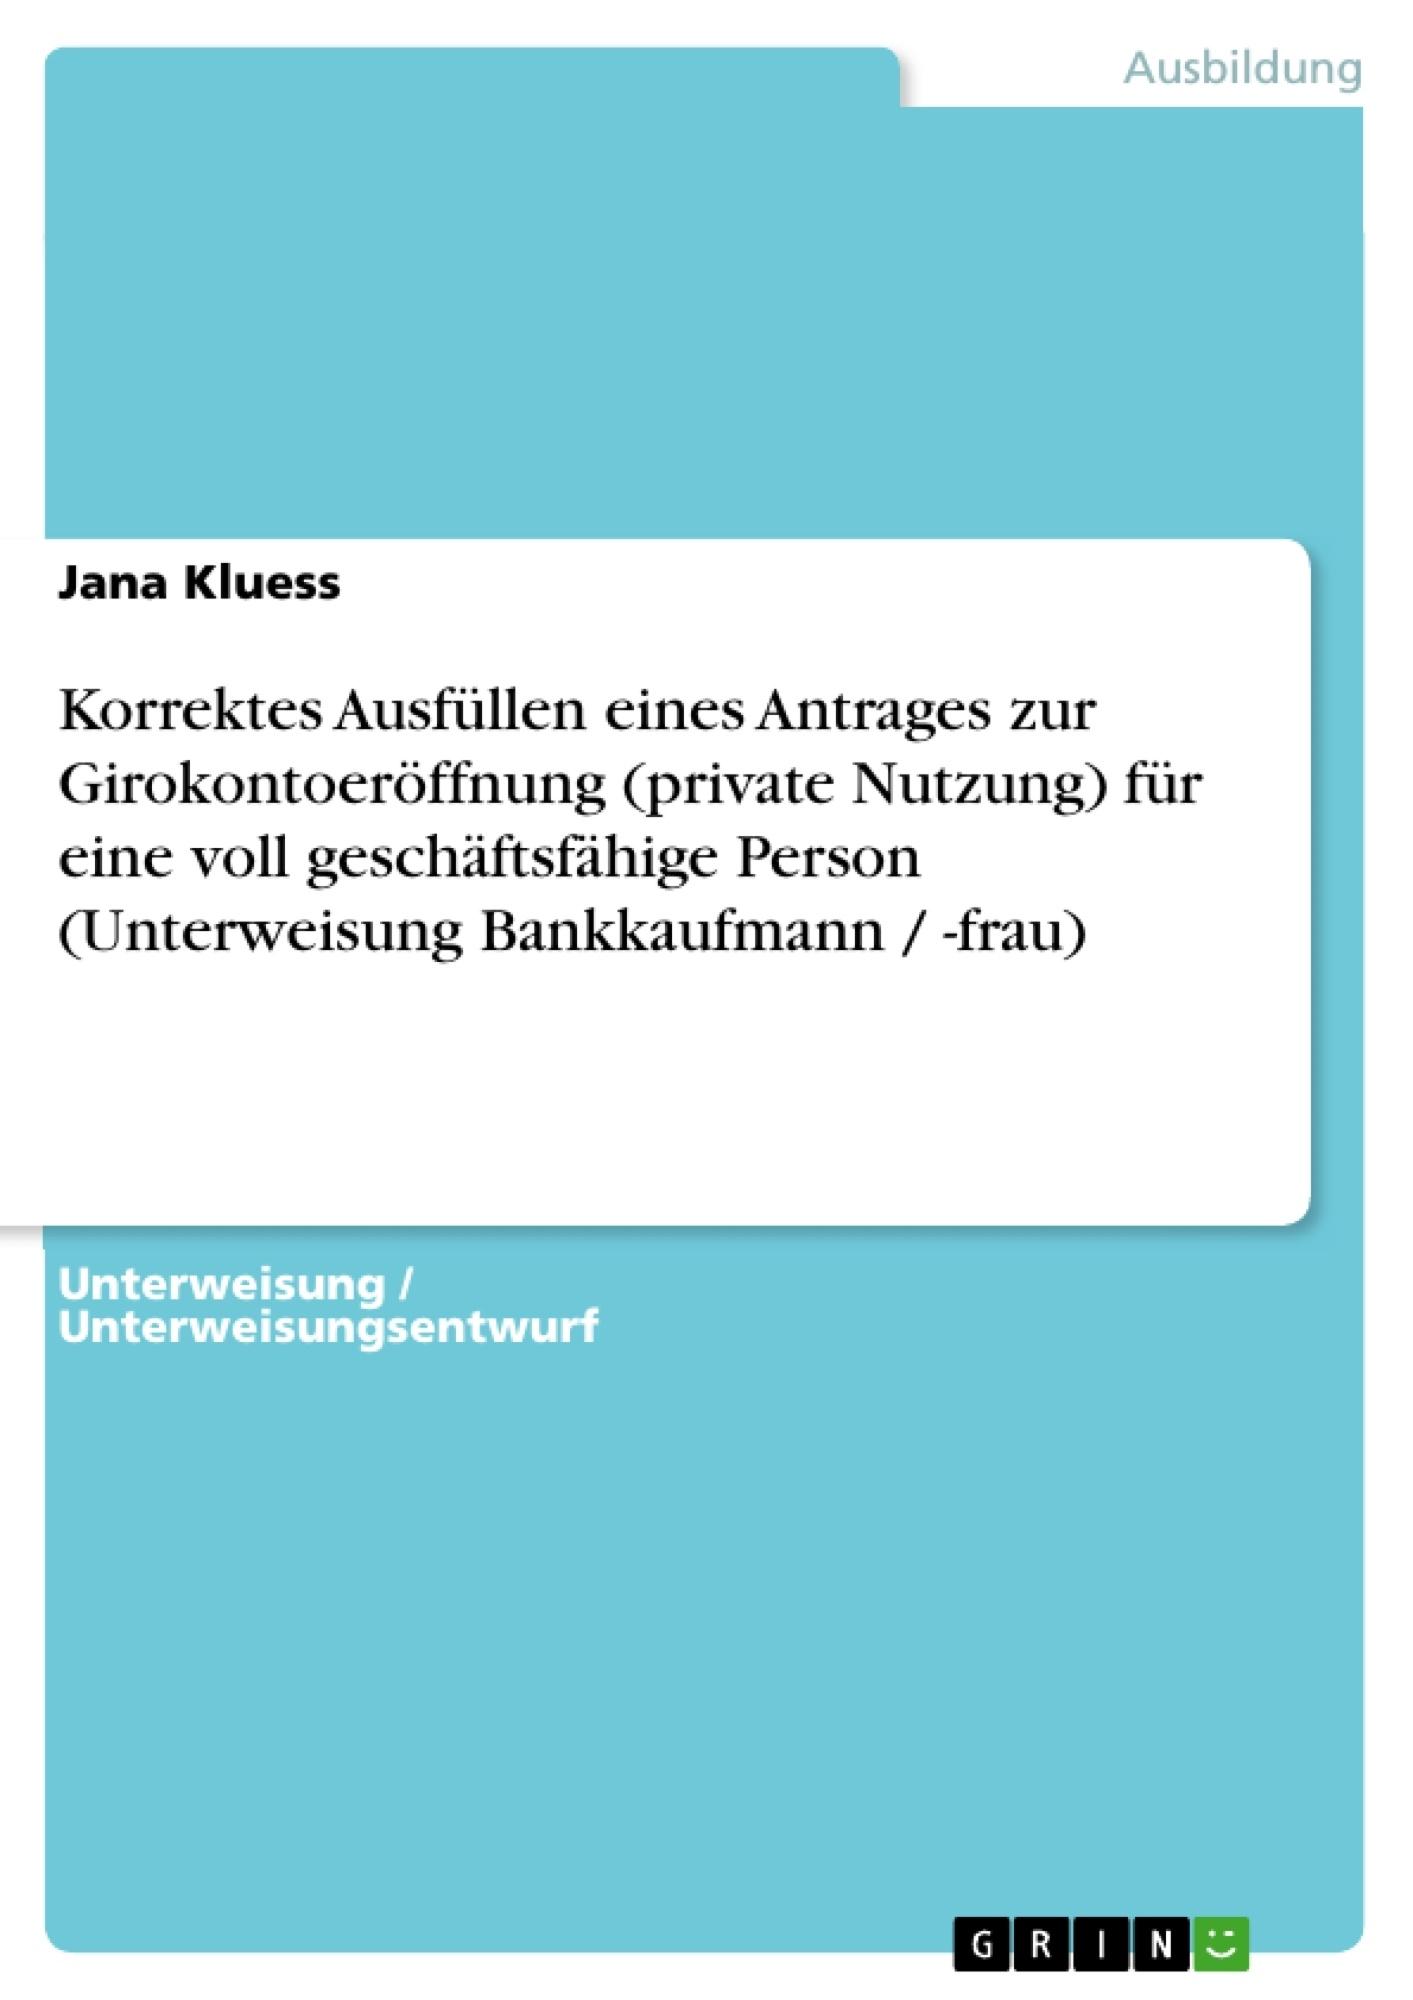 Titel: Korrektes Ausfüllen eines Antrages zur Girokontoeröffnung (private Nutzung) für eine voll geschäftsfähige Person (Unterweisung Bankkaufmann / -frau)